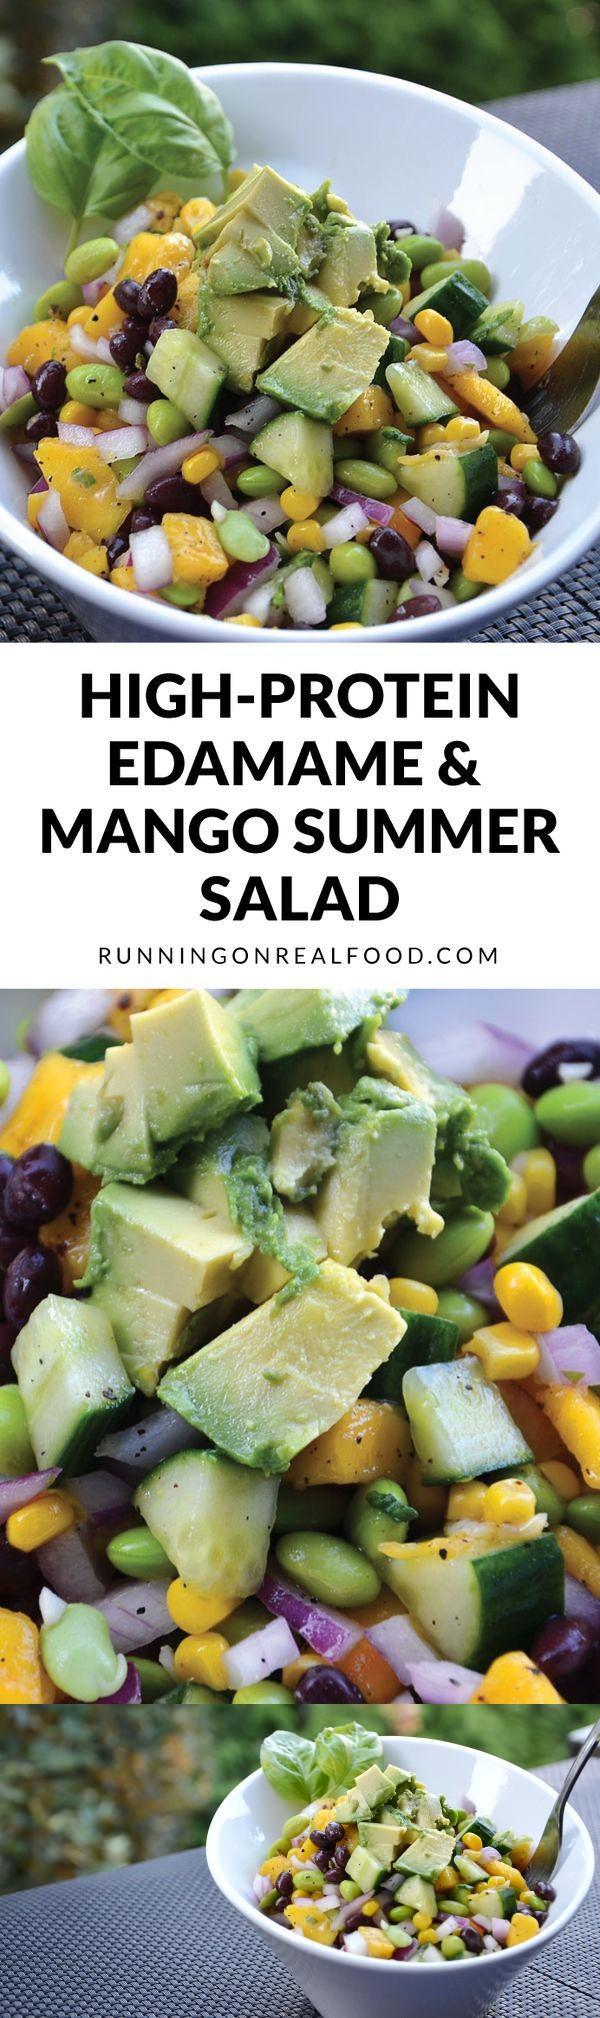 Edamame & Mango Salad